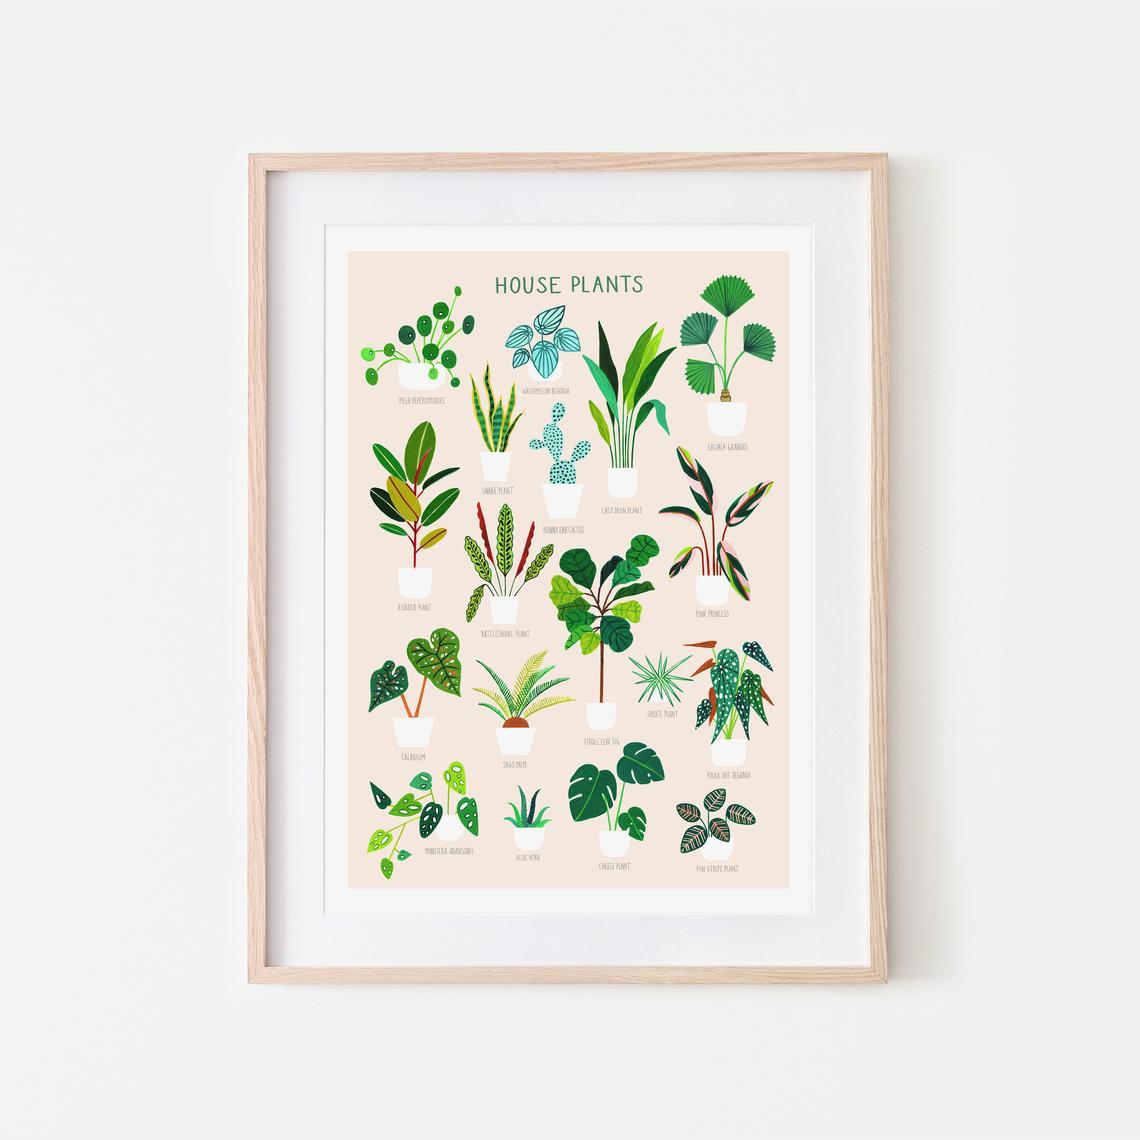 5 mooie botanische posters voor aan de muur